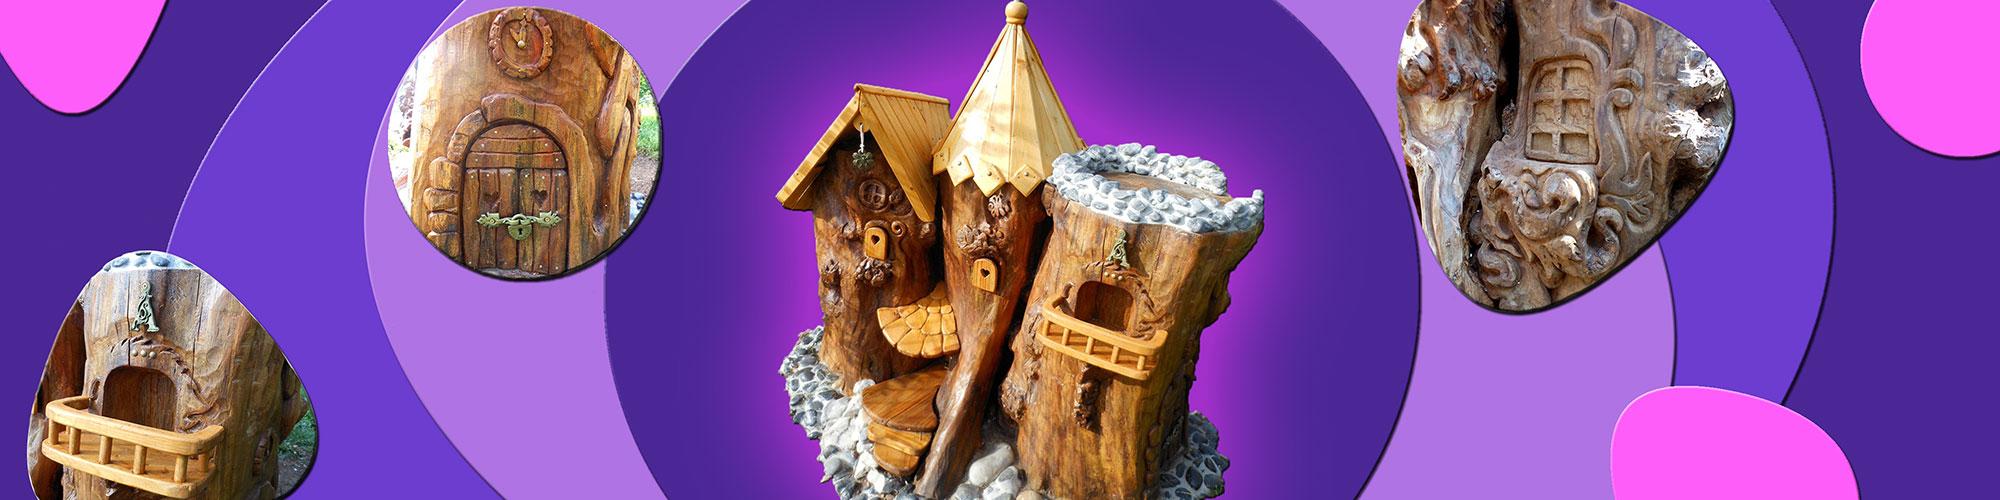 Château fabriqué à partir d'une souche de bois par Natacha - Bienvenue au pays des merveilles - Nos clients ont du talent